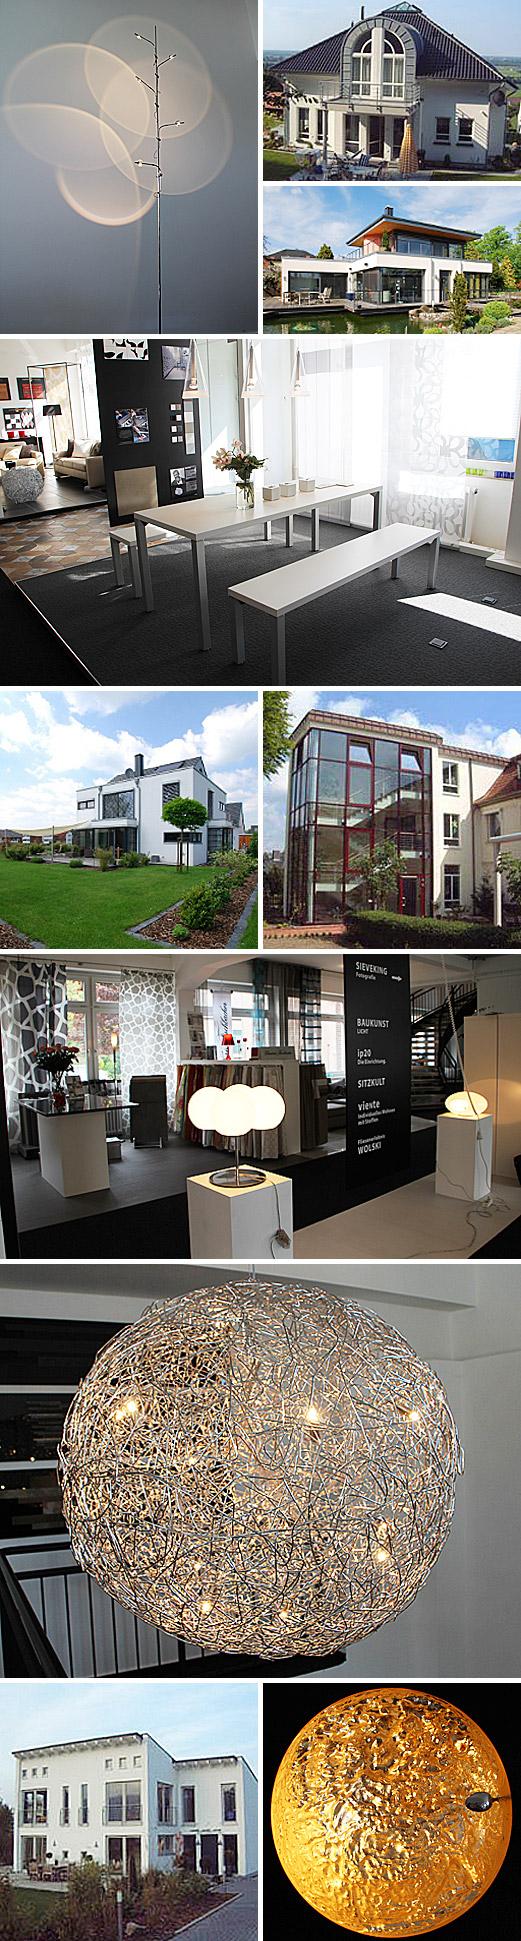 Bauen ist für Andreas Steinmeier weitaus mehr als die Gestaltung von Fassaden oder die Aufteilungsplanung von Innenräumen nach dem einfachen Kosten-Nutzen-Prinzip.